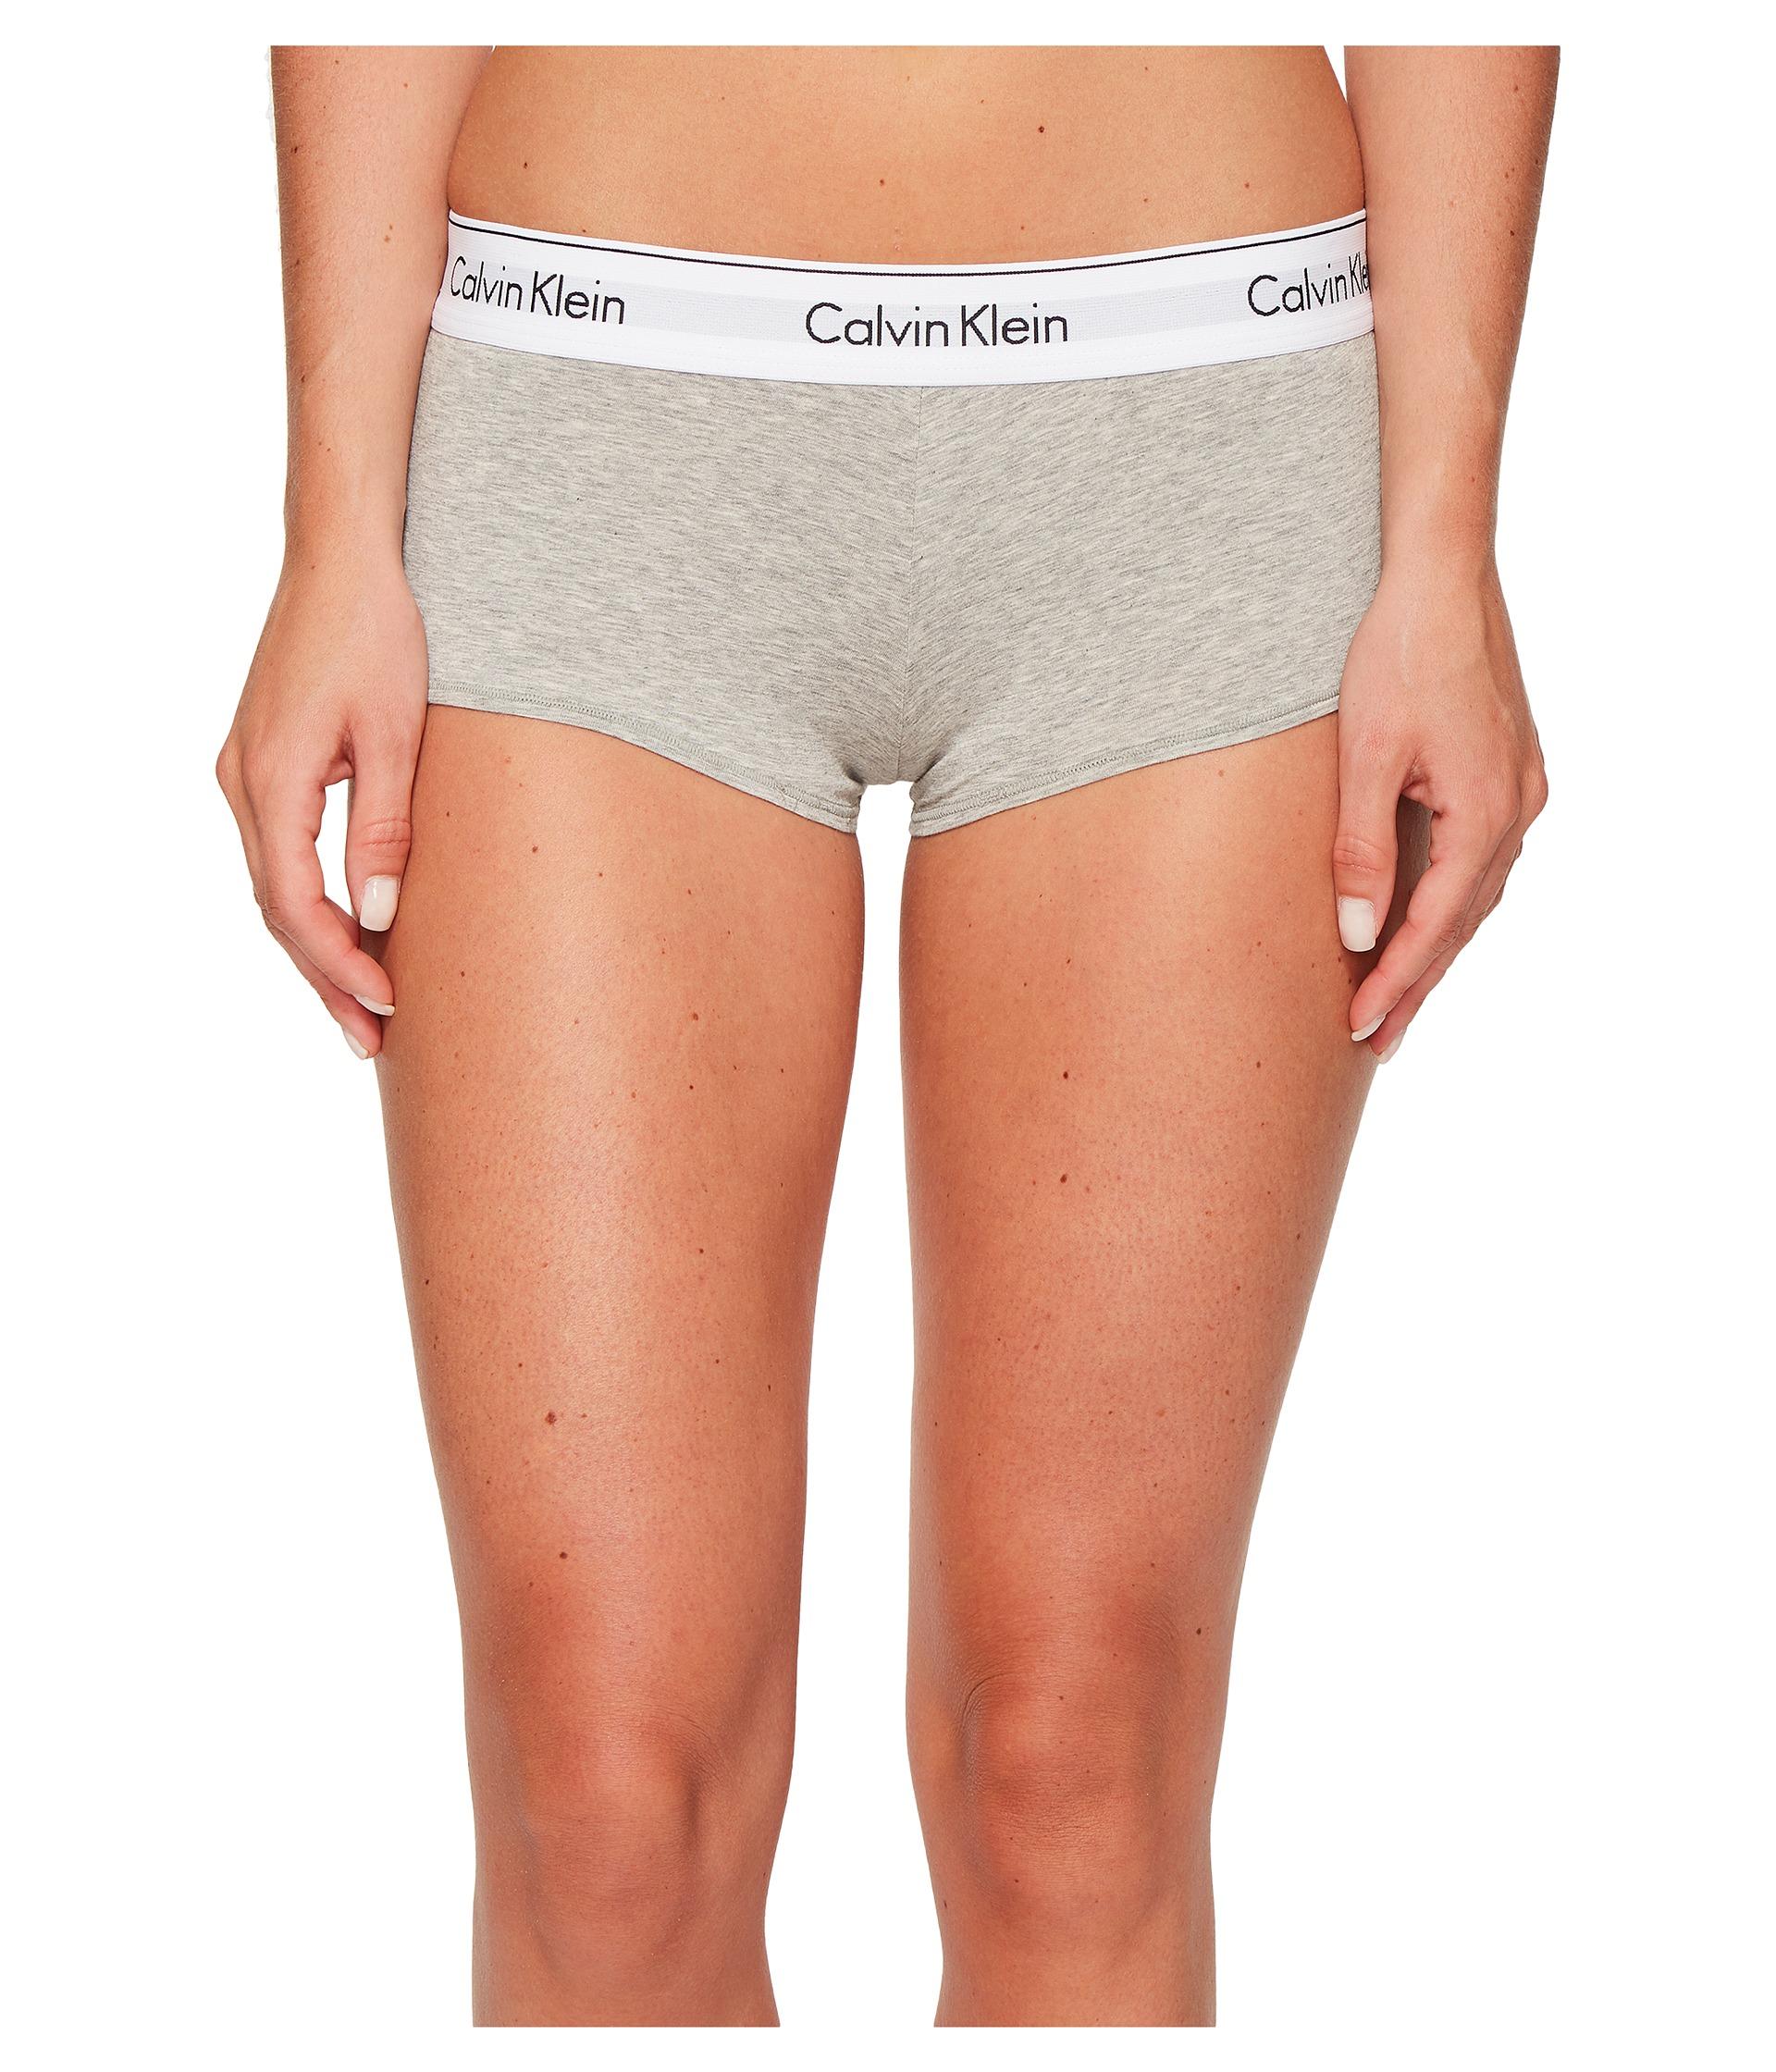 b9b0c2003aee Calvin Klein Underwear Modern Cotton Short Grey Heather Shipped Free